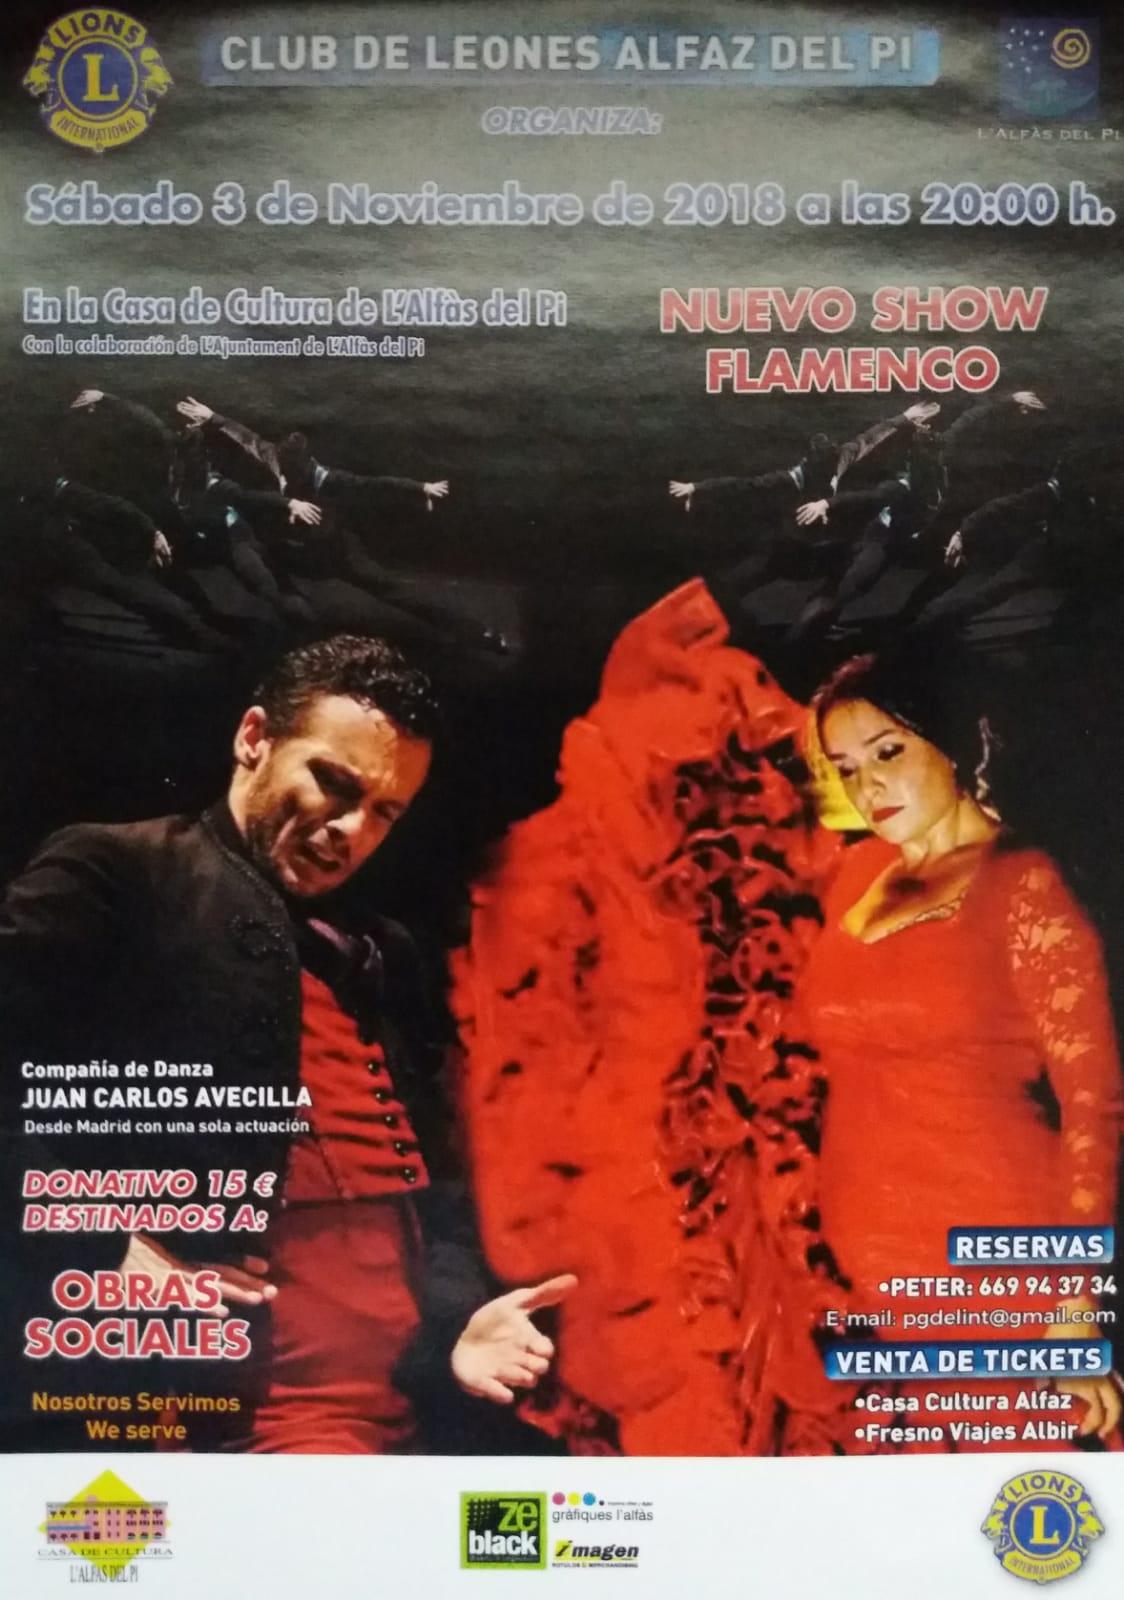 La Casa de Cultura acoge un recital de flamenco con fines benéficos